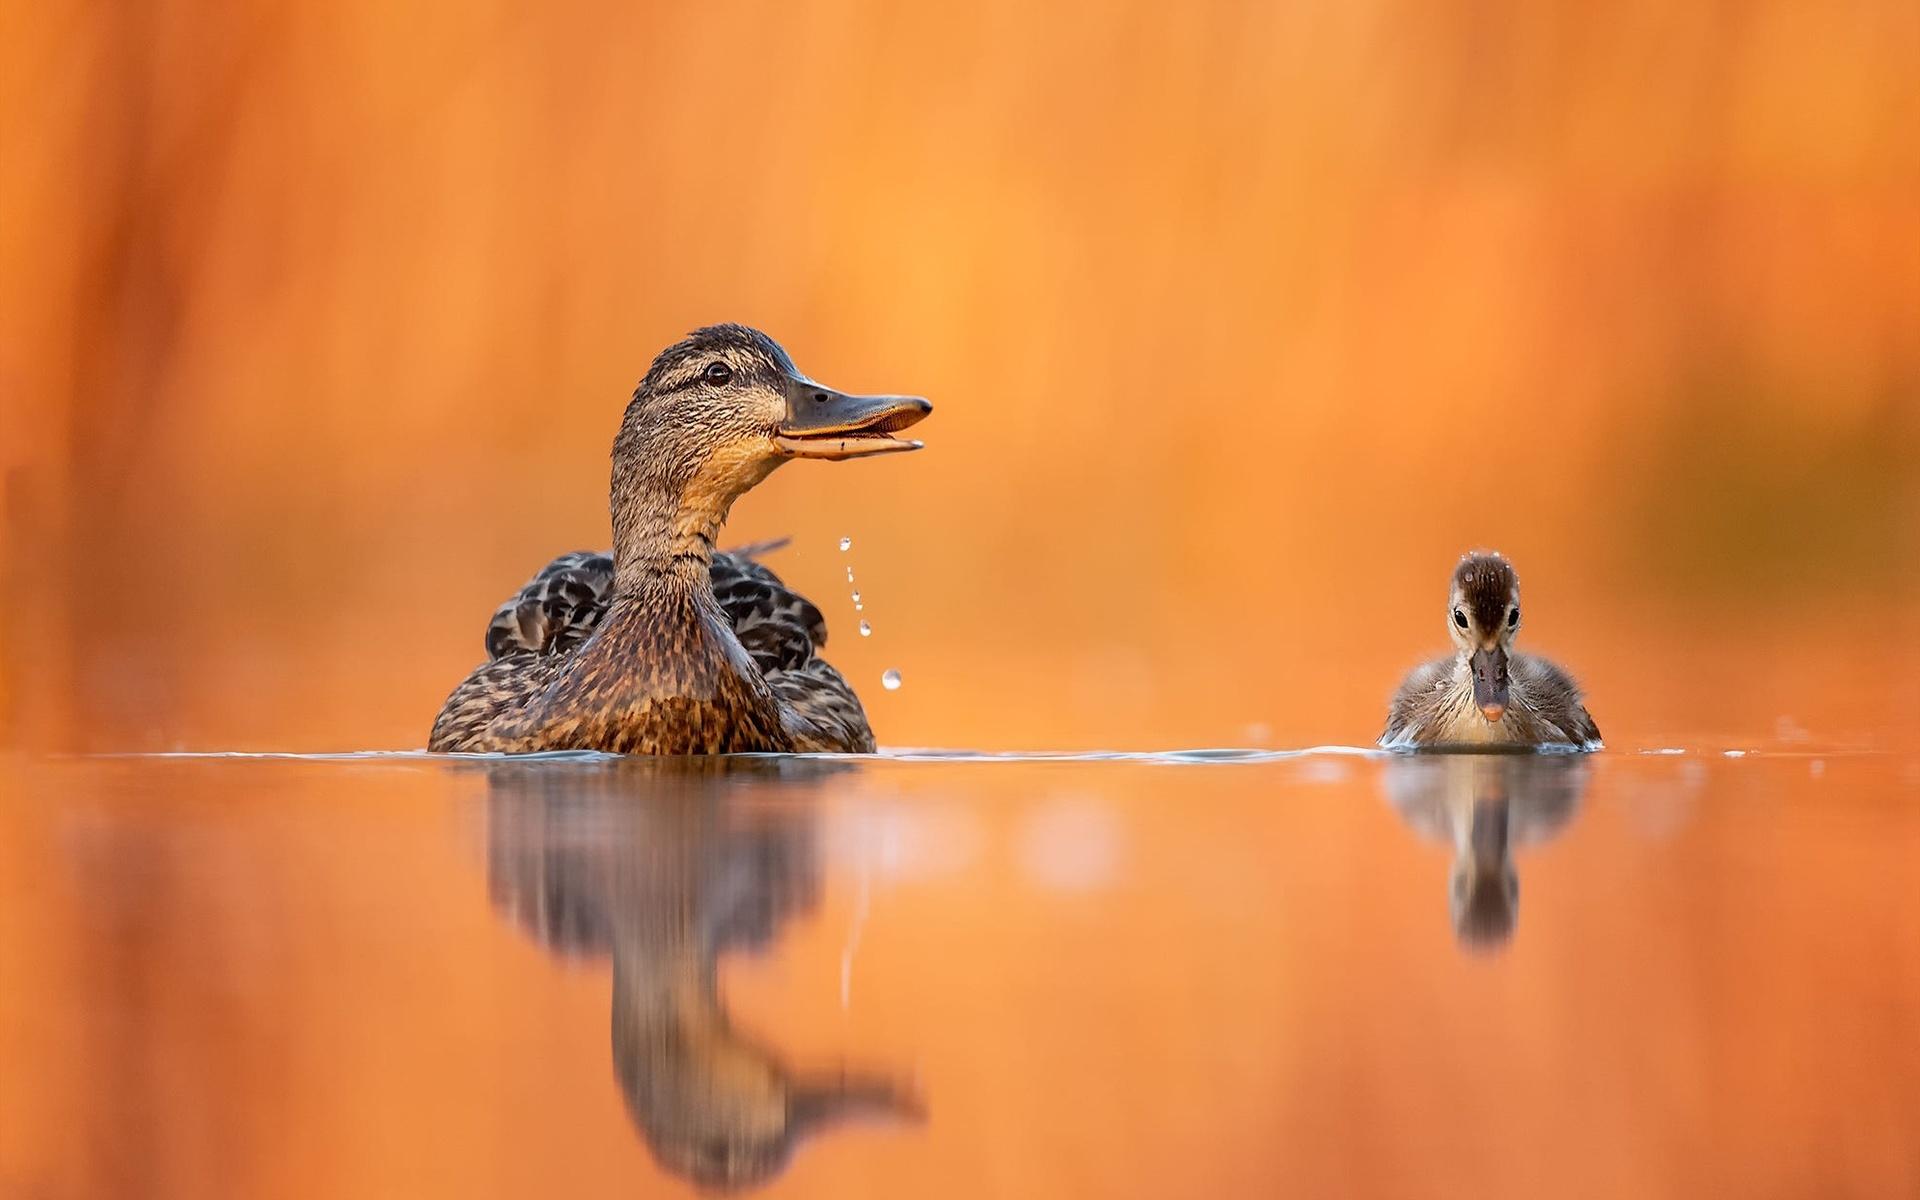 птицы мира, птицы, утка, утёнок, детёныш, птенец, вода, капли, отражение